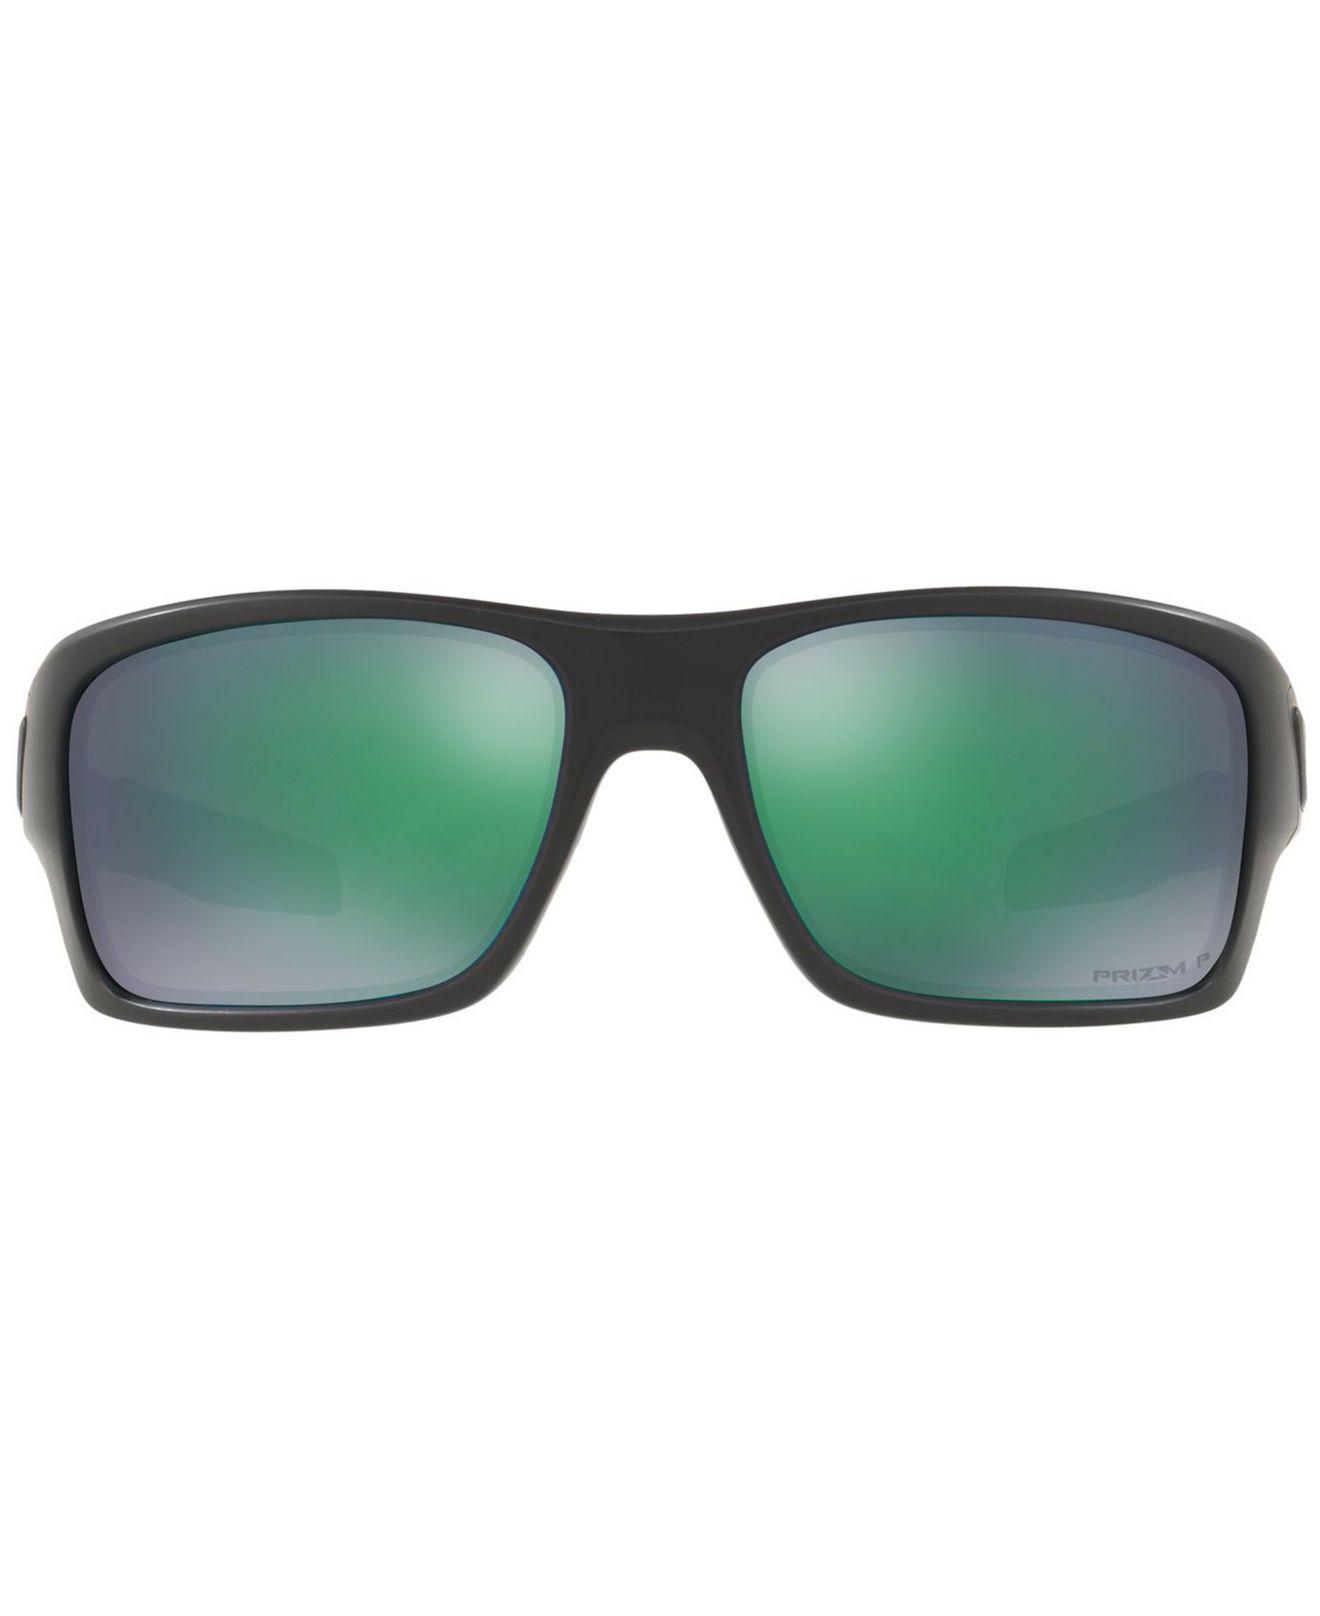 7d2a68d797e Lyst - Oakley Oo9263 in Green for Men